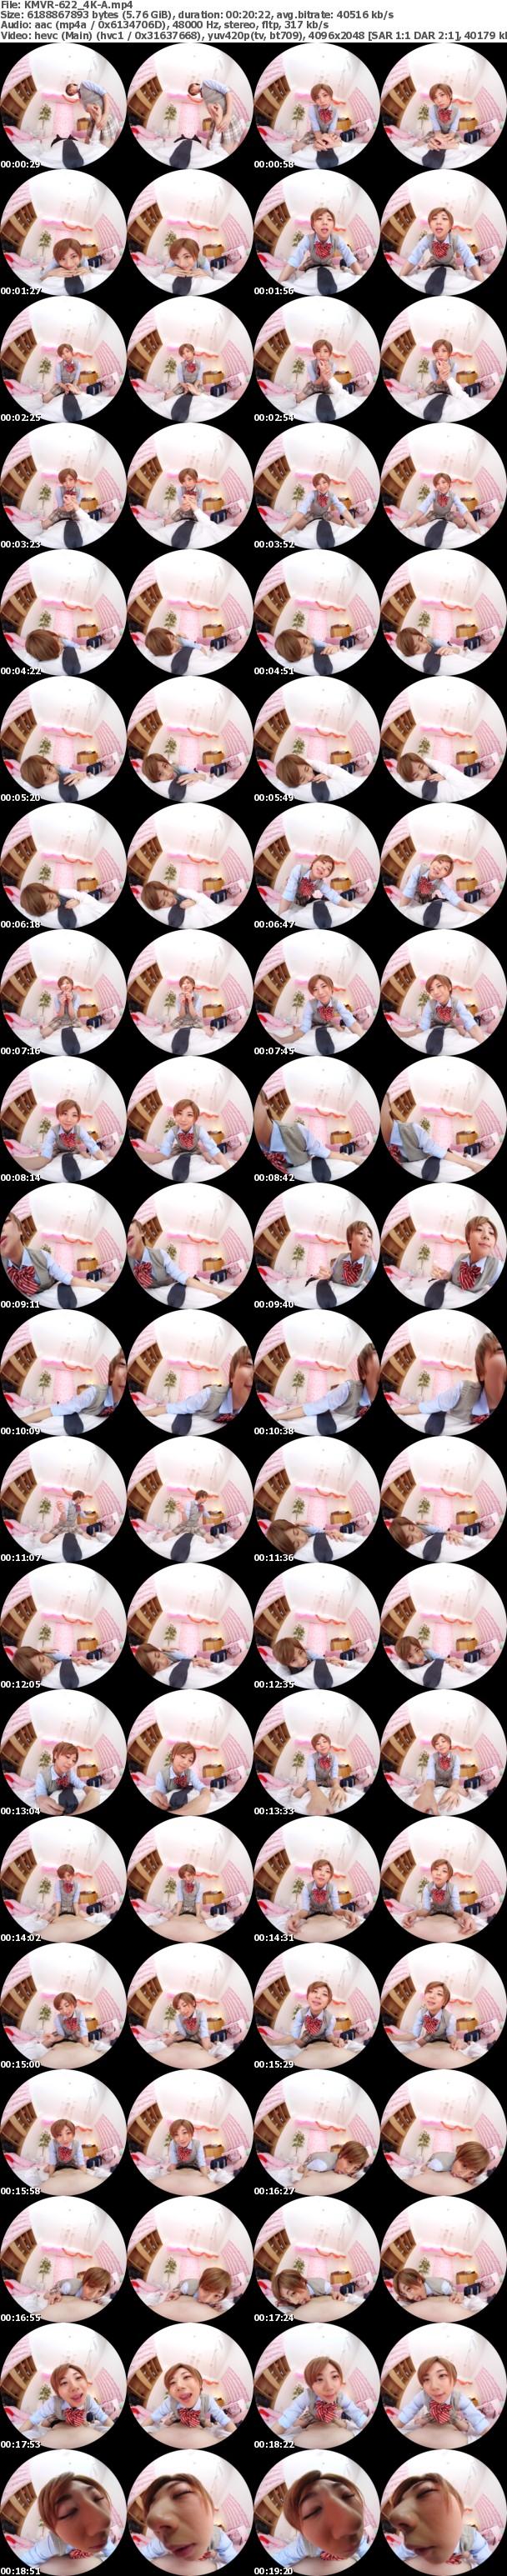 (VR) KVR1905-26 (KMVR-622) 【4K匠】【寝て見るVR】女子校生添い寝風俗 囁きでご奉仕高密着中出し!! 茜はるか